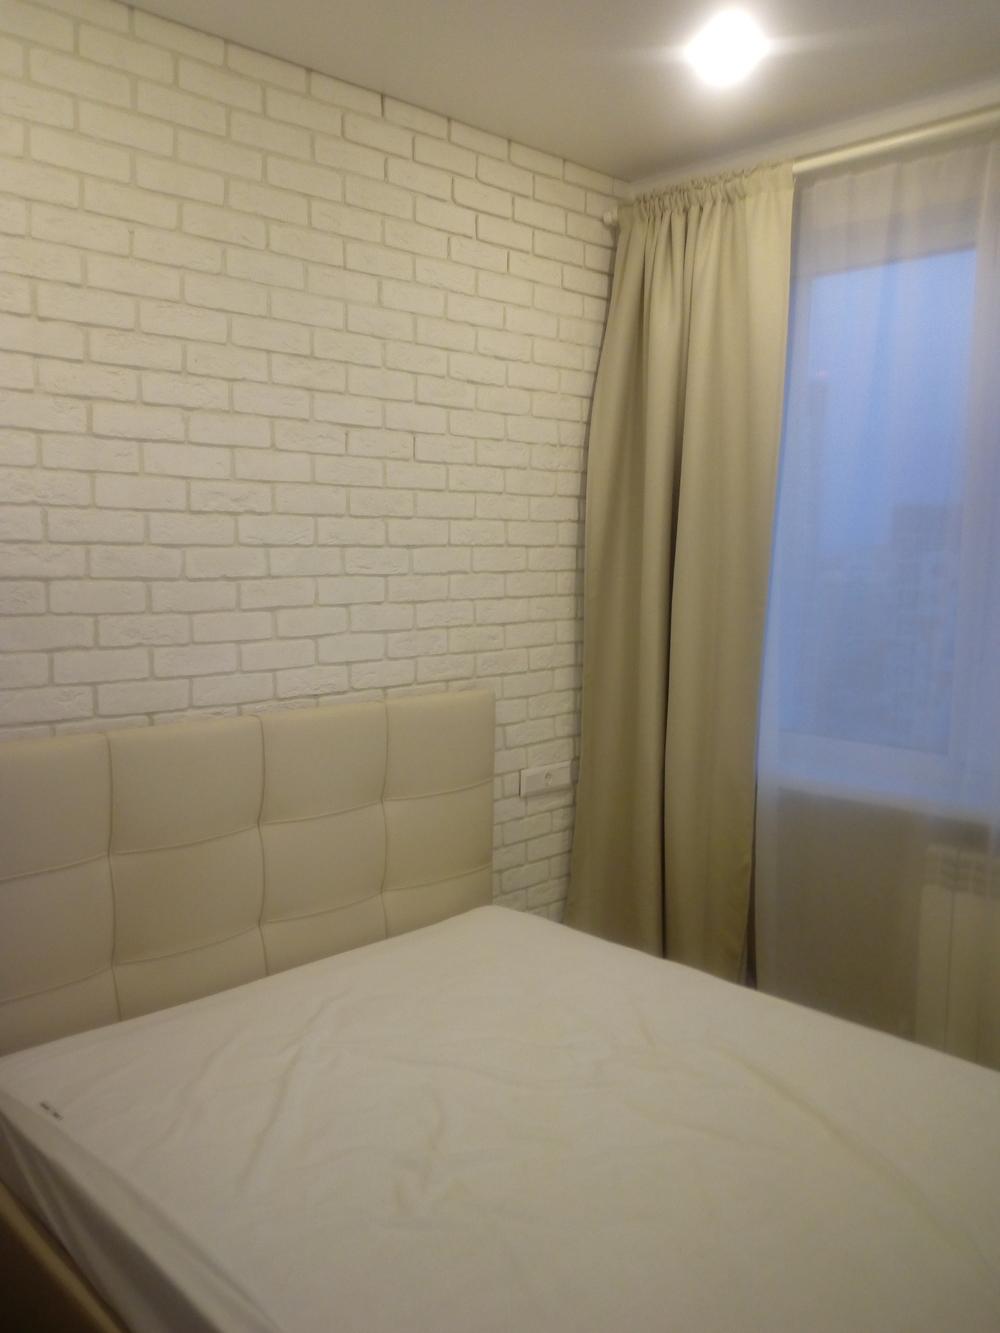 Квартира в аренду по адресу Россия, Ростовская область, Ростов-на-Дону, Волкова ул.